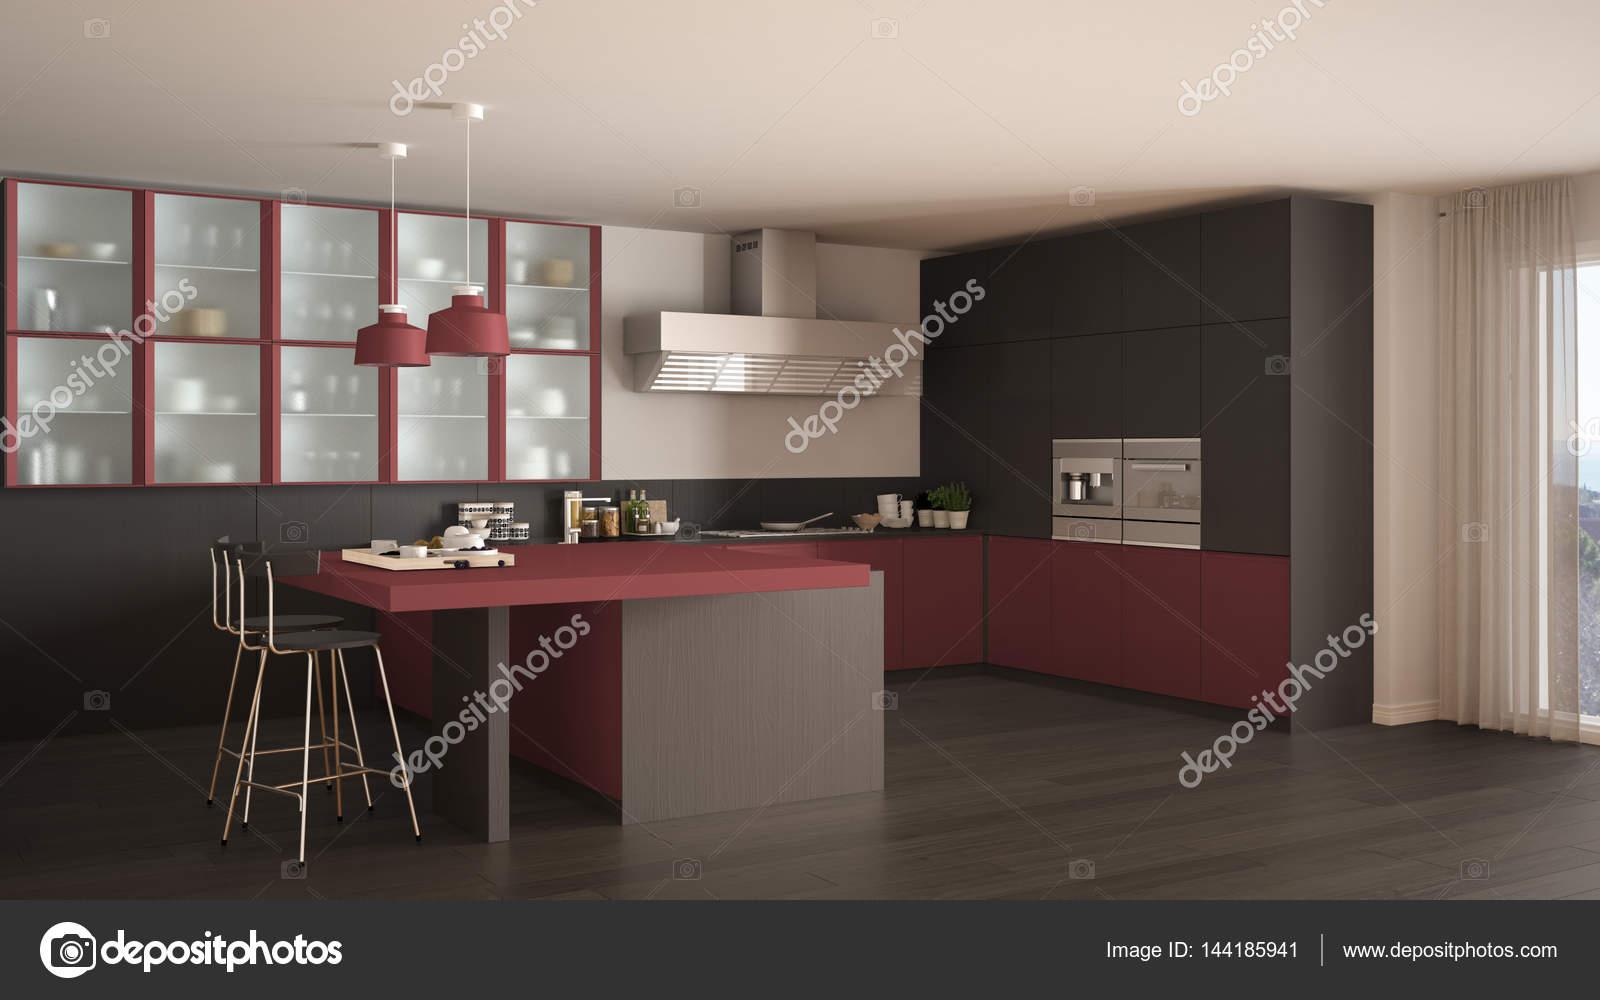 Cozinha M Nima De Cinza E Vermelha Cl Ssica Com Piso Em Parquet